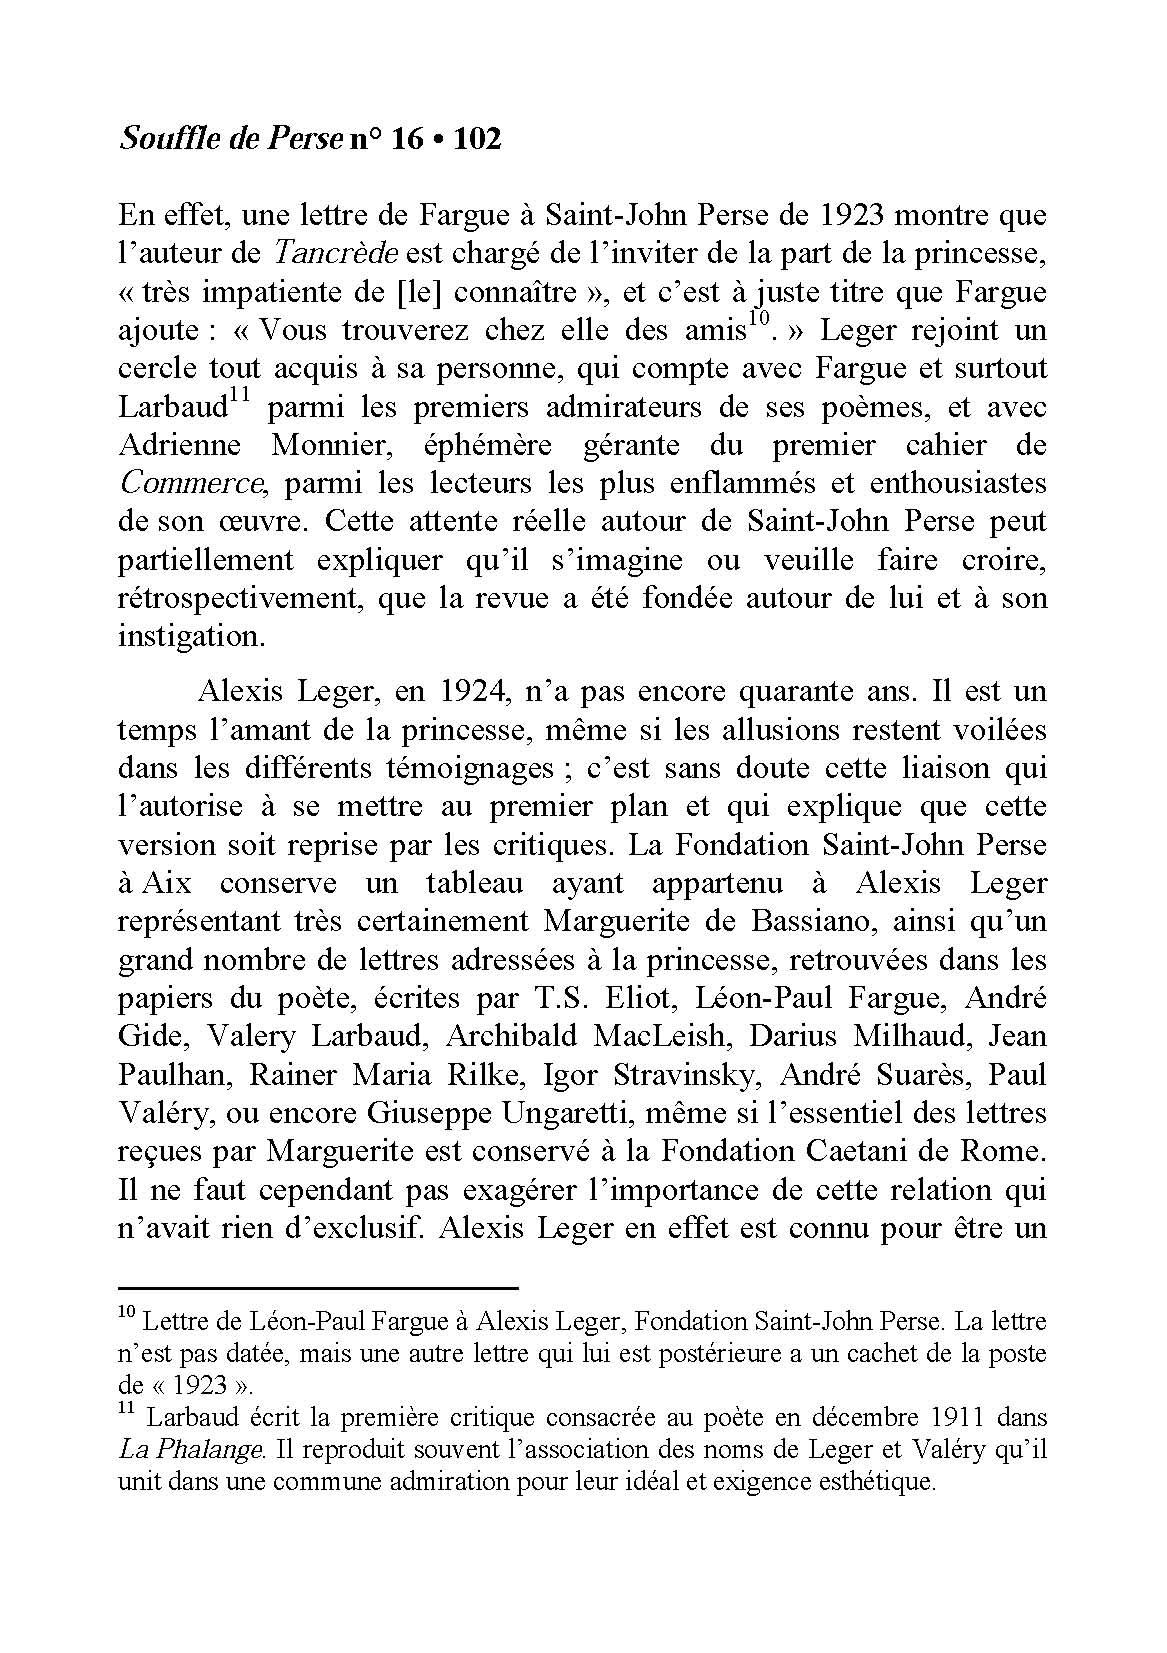 pages-de-pages-de-souffle-n-16-p-99-a-115_page_04